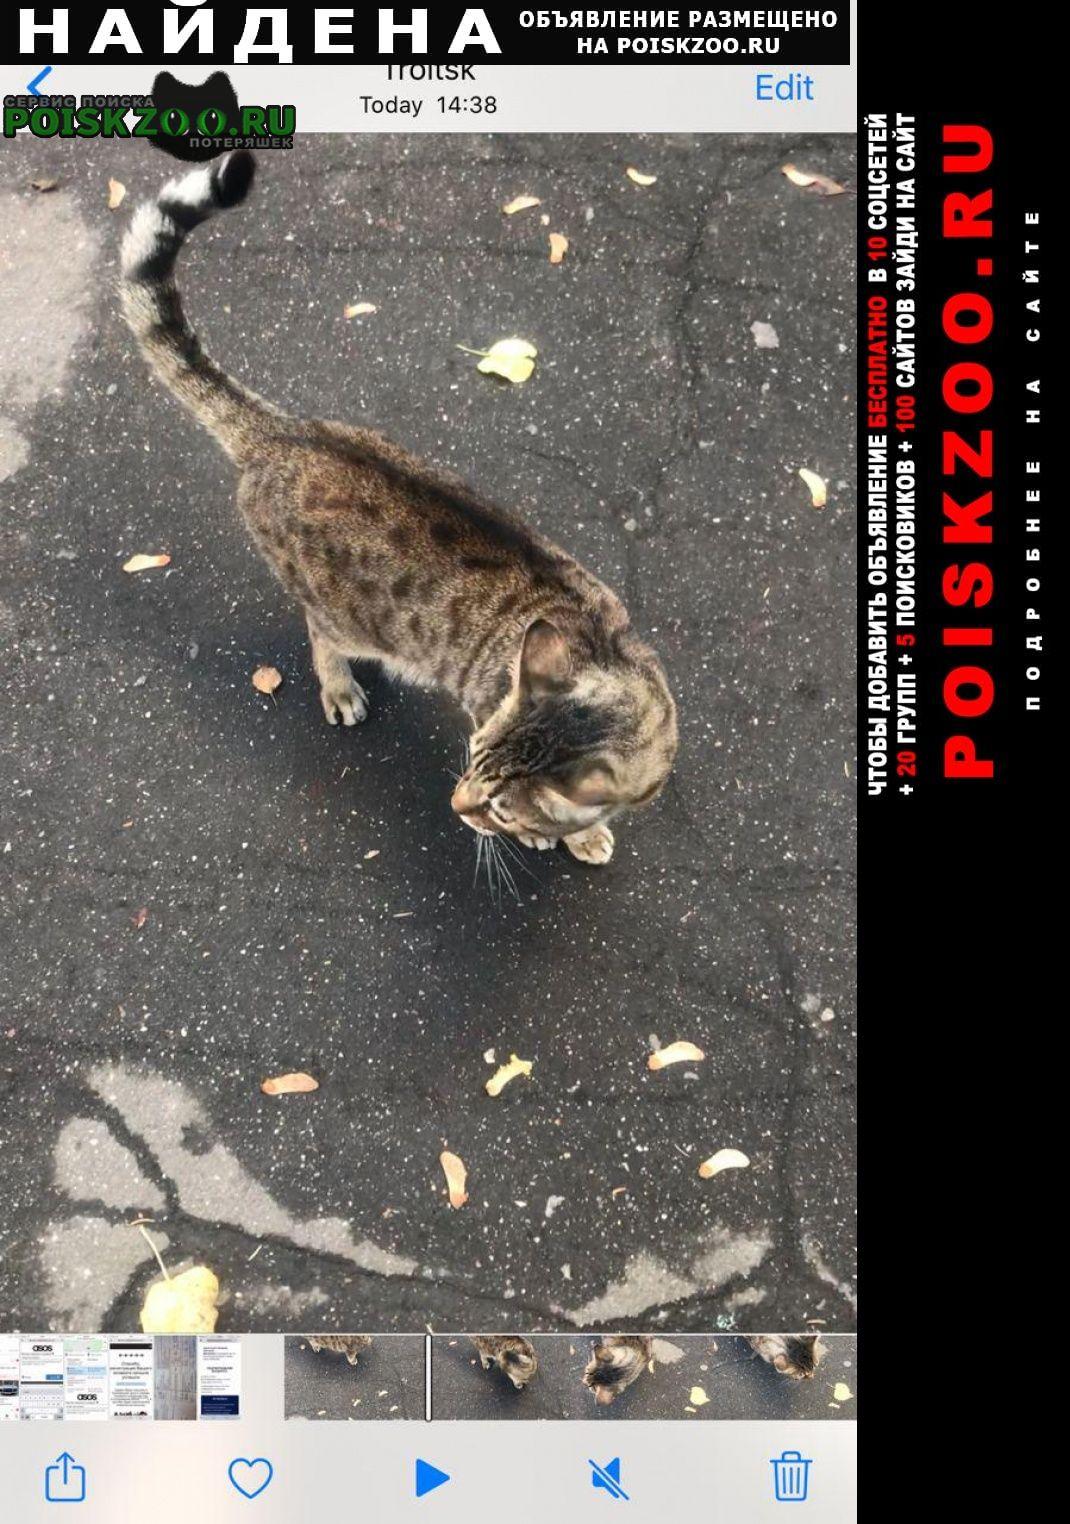 Найдена кошка крупный кот, черепаховый окрас Троицк